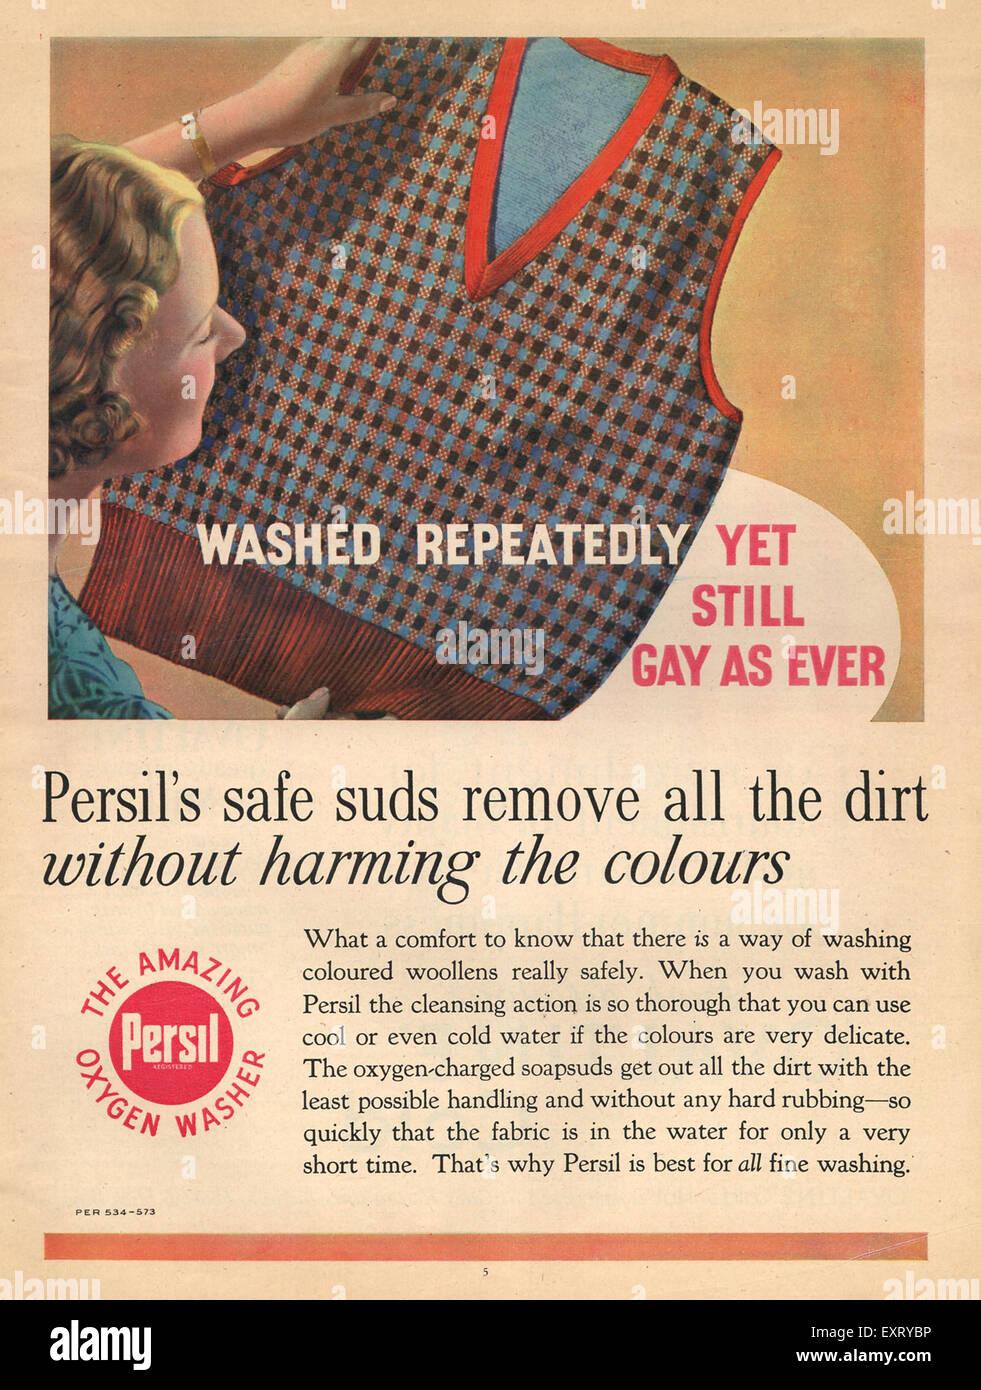 Persil Washing Powder Stock Photos & Persil Washing Powder